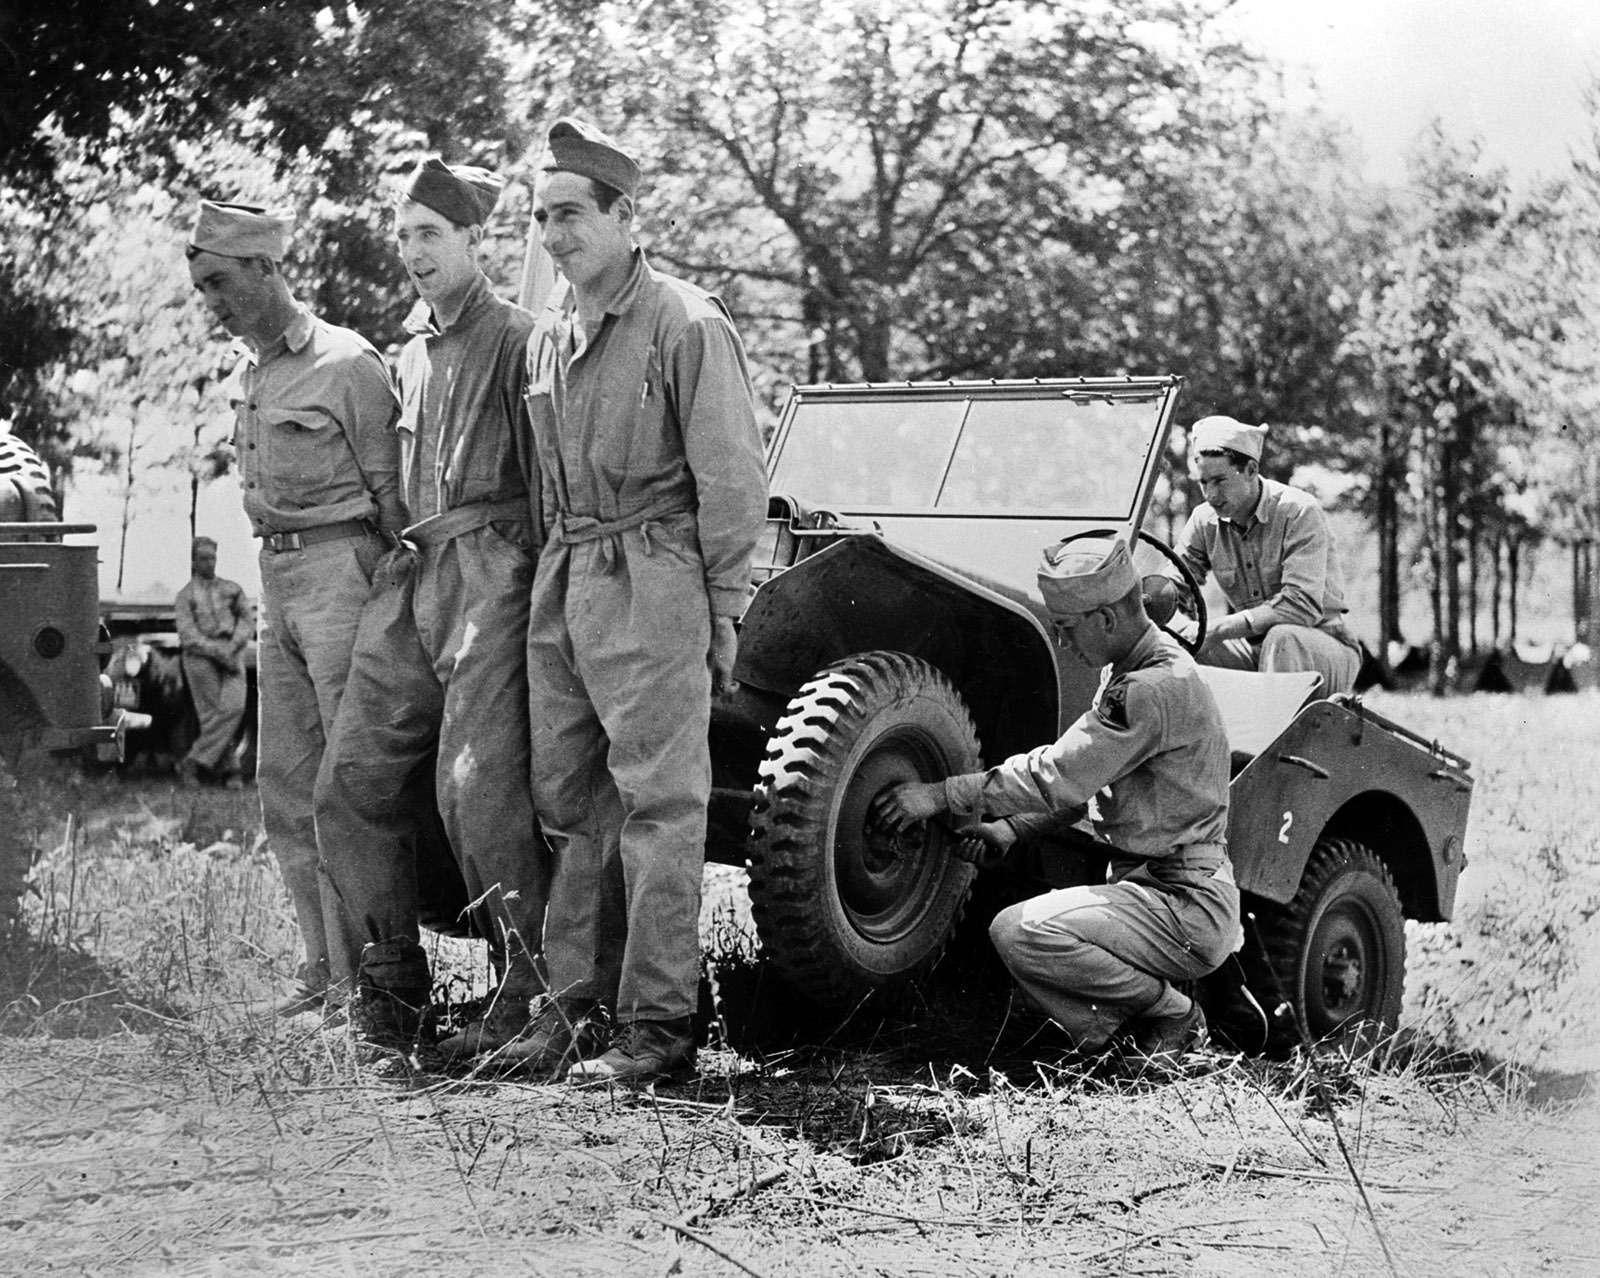 Трое могли слегкостью поднять джип запередок длянебольшого ремонта, поскольку поусловиям военных полная масса машины не должна была превышать 590кг.